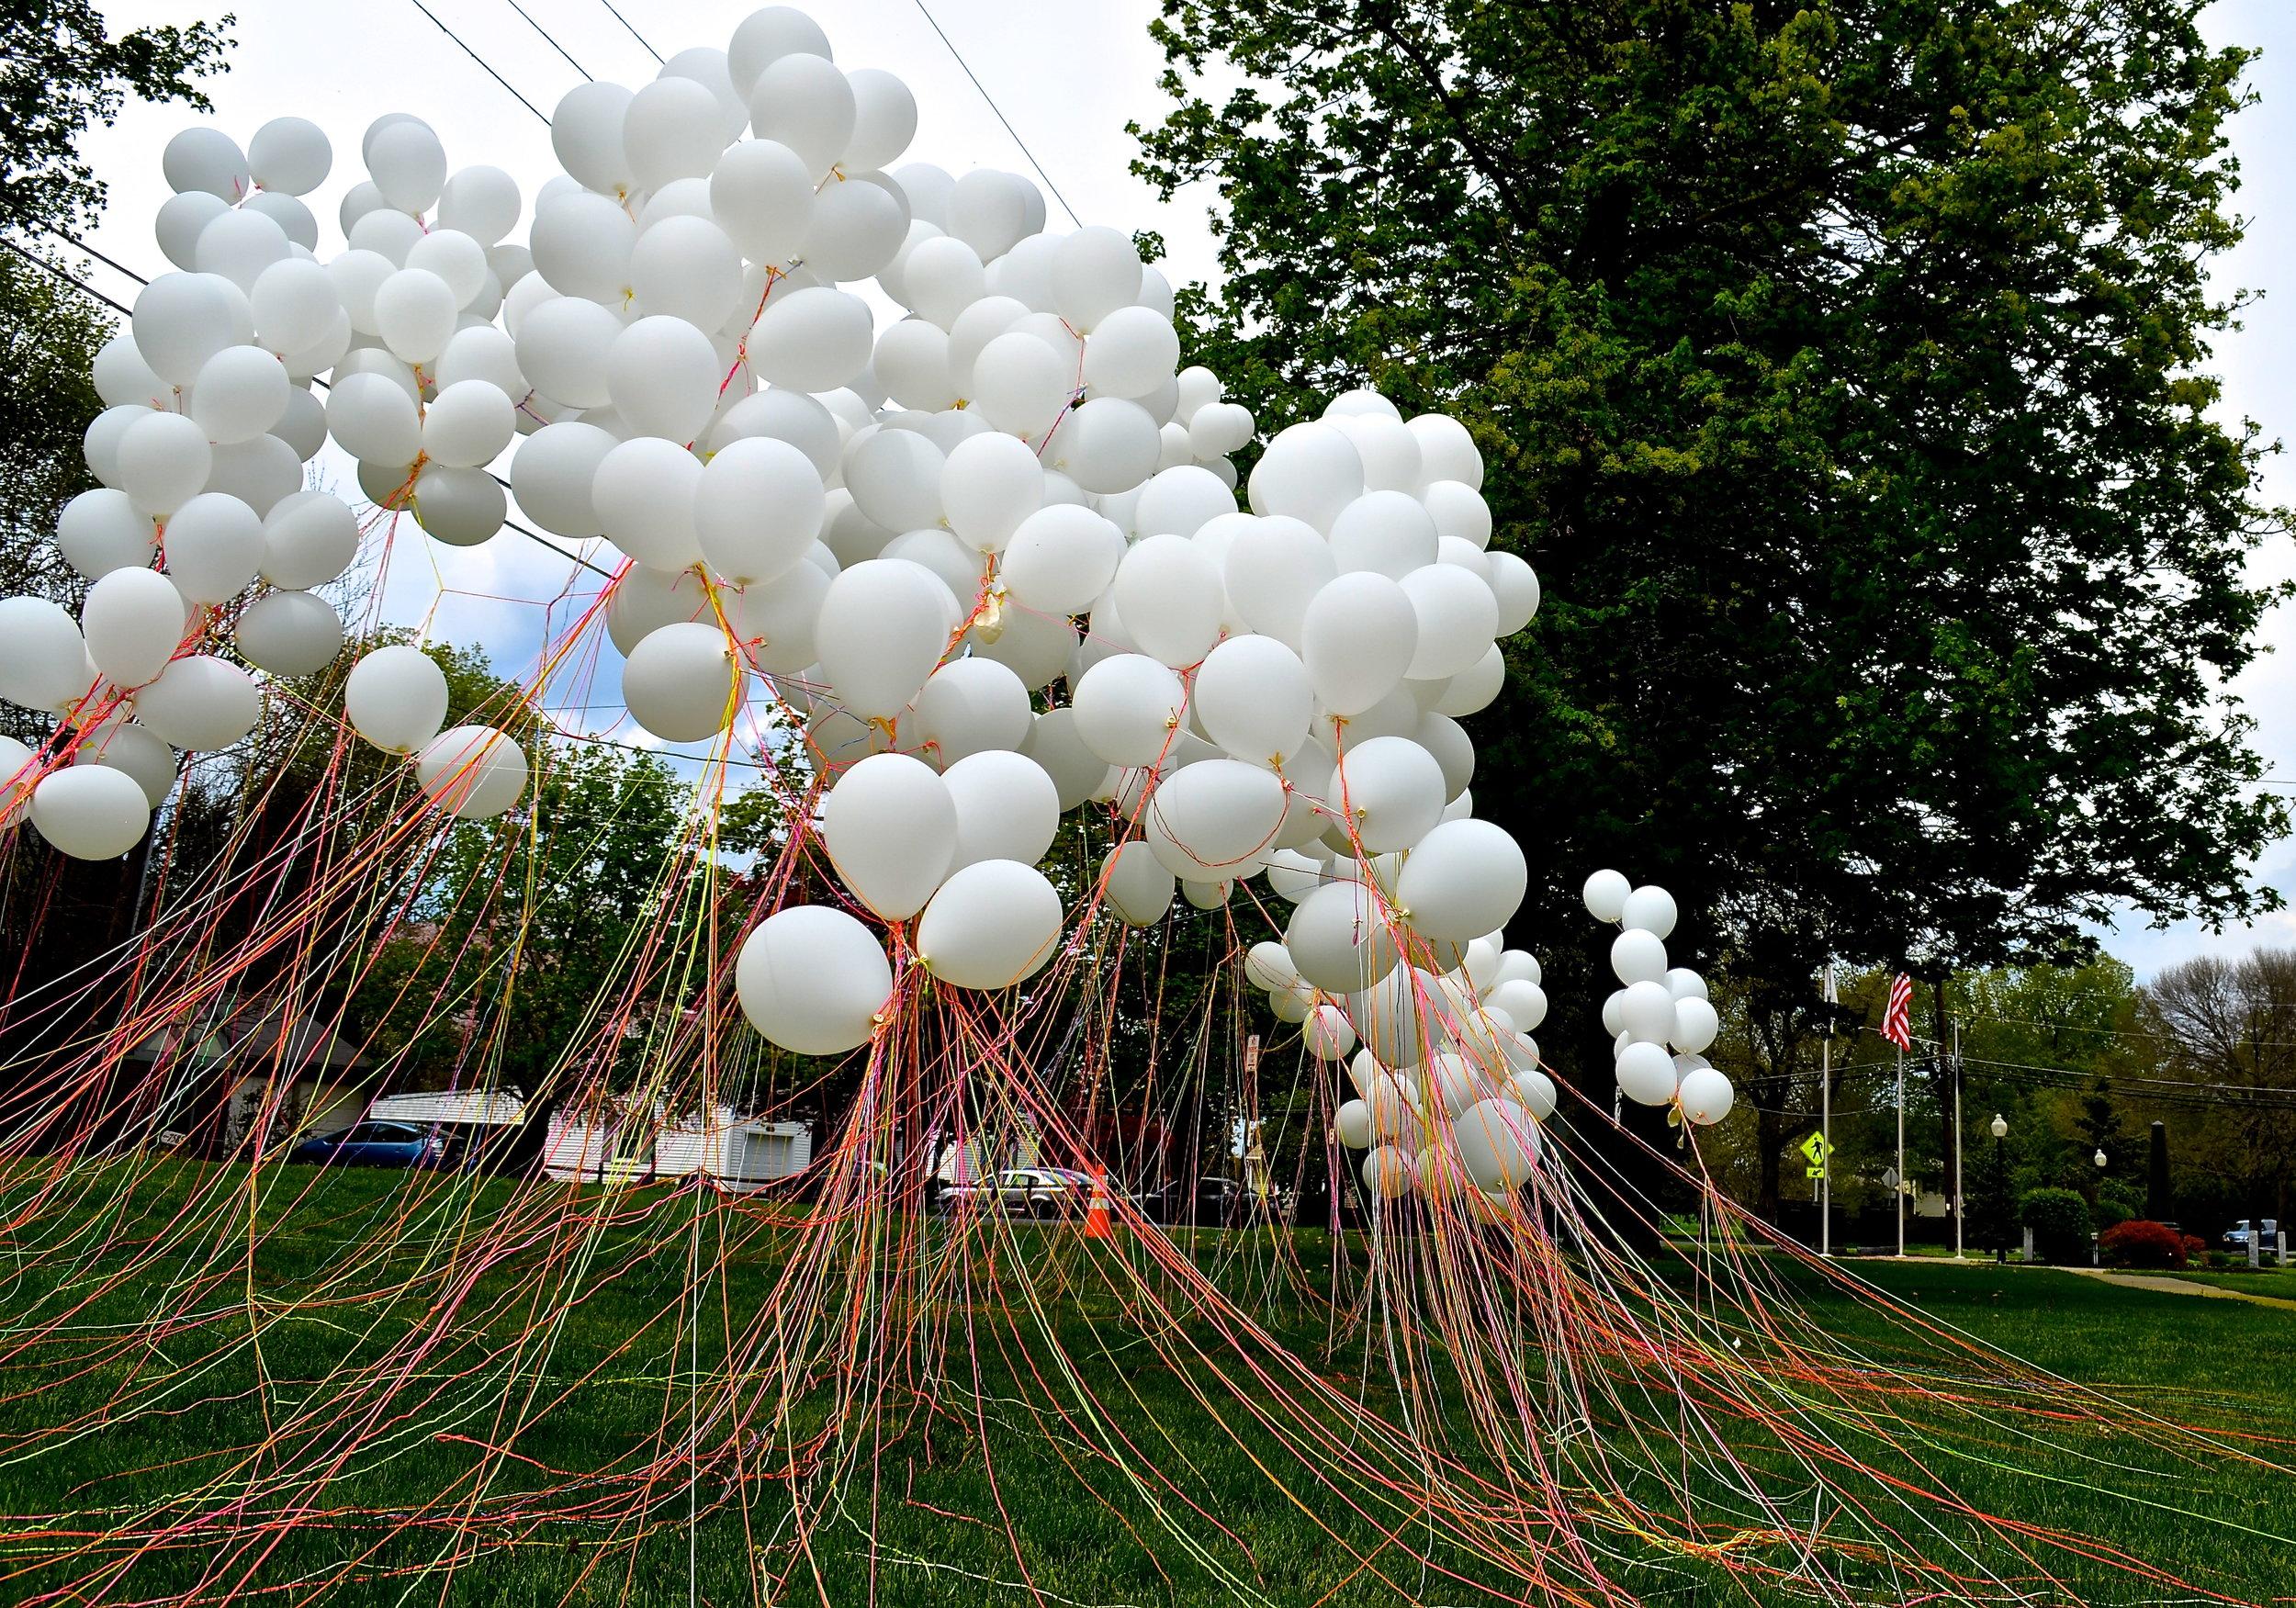 balloon art installation